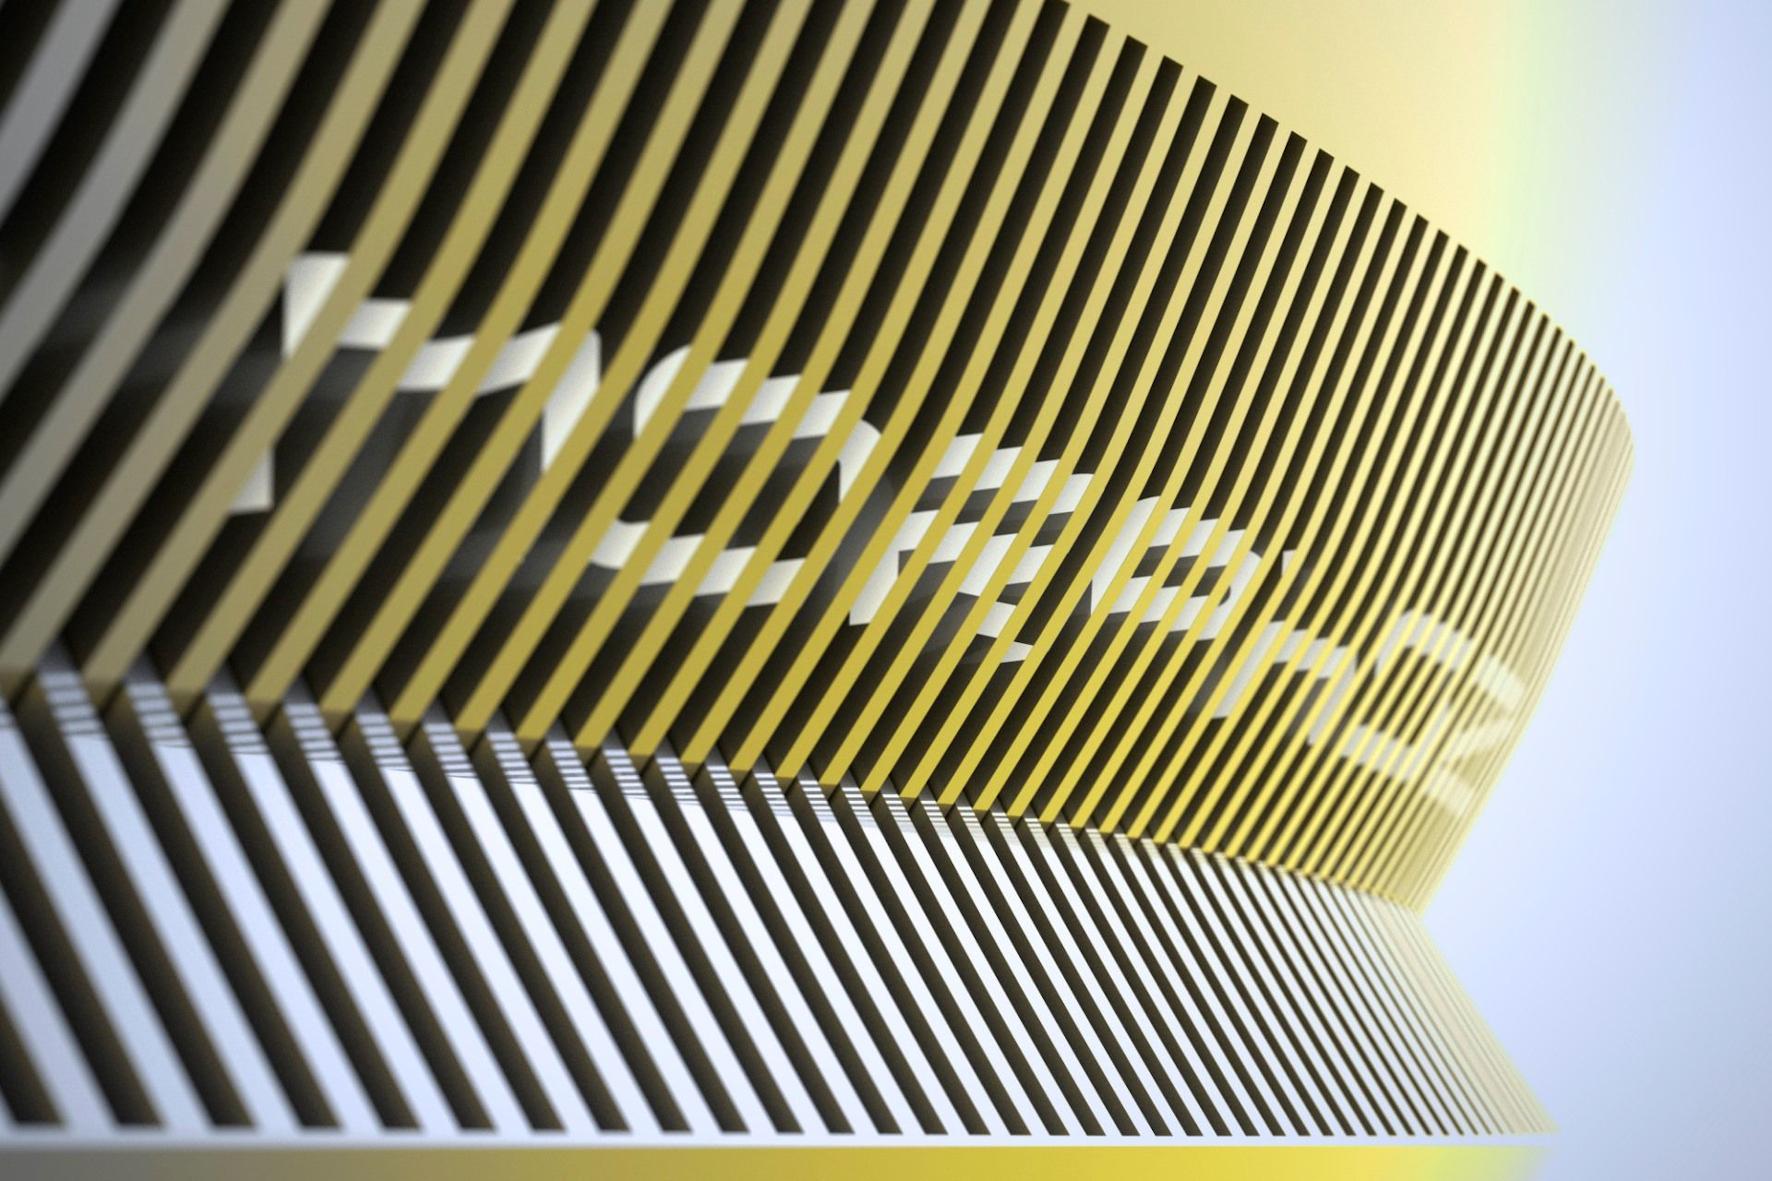 mid Groß-Gerau - Das kann ja spannend werden: Mit der Studie MORPHOZ gibt Renault einen Ausblick auf die künftigen Elektrofahrzeuge der Marke. Renault